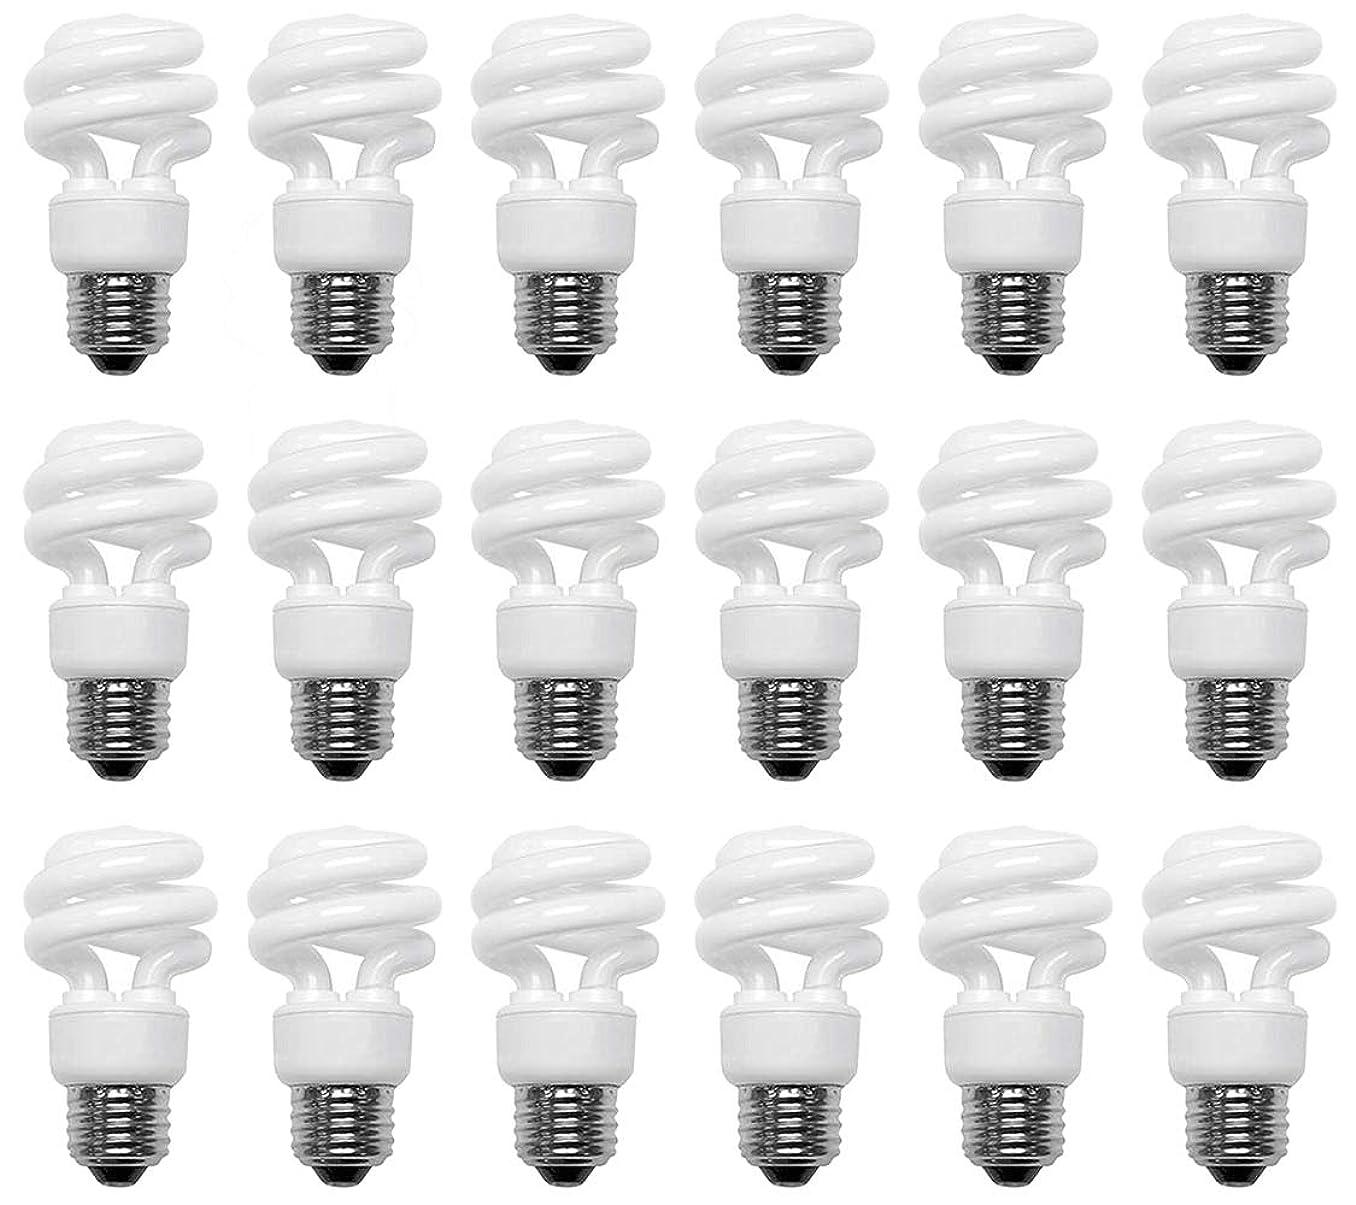 40 Watt CFL Daylight (5000K) Spiral 18 Pack